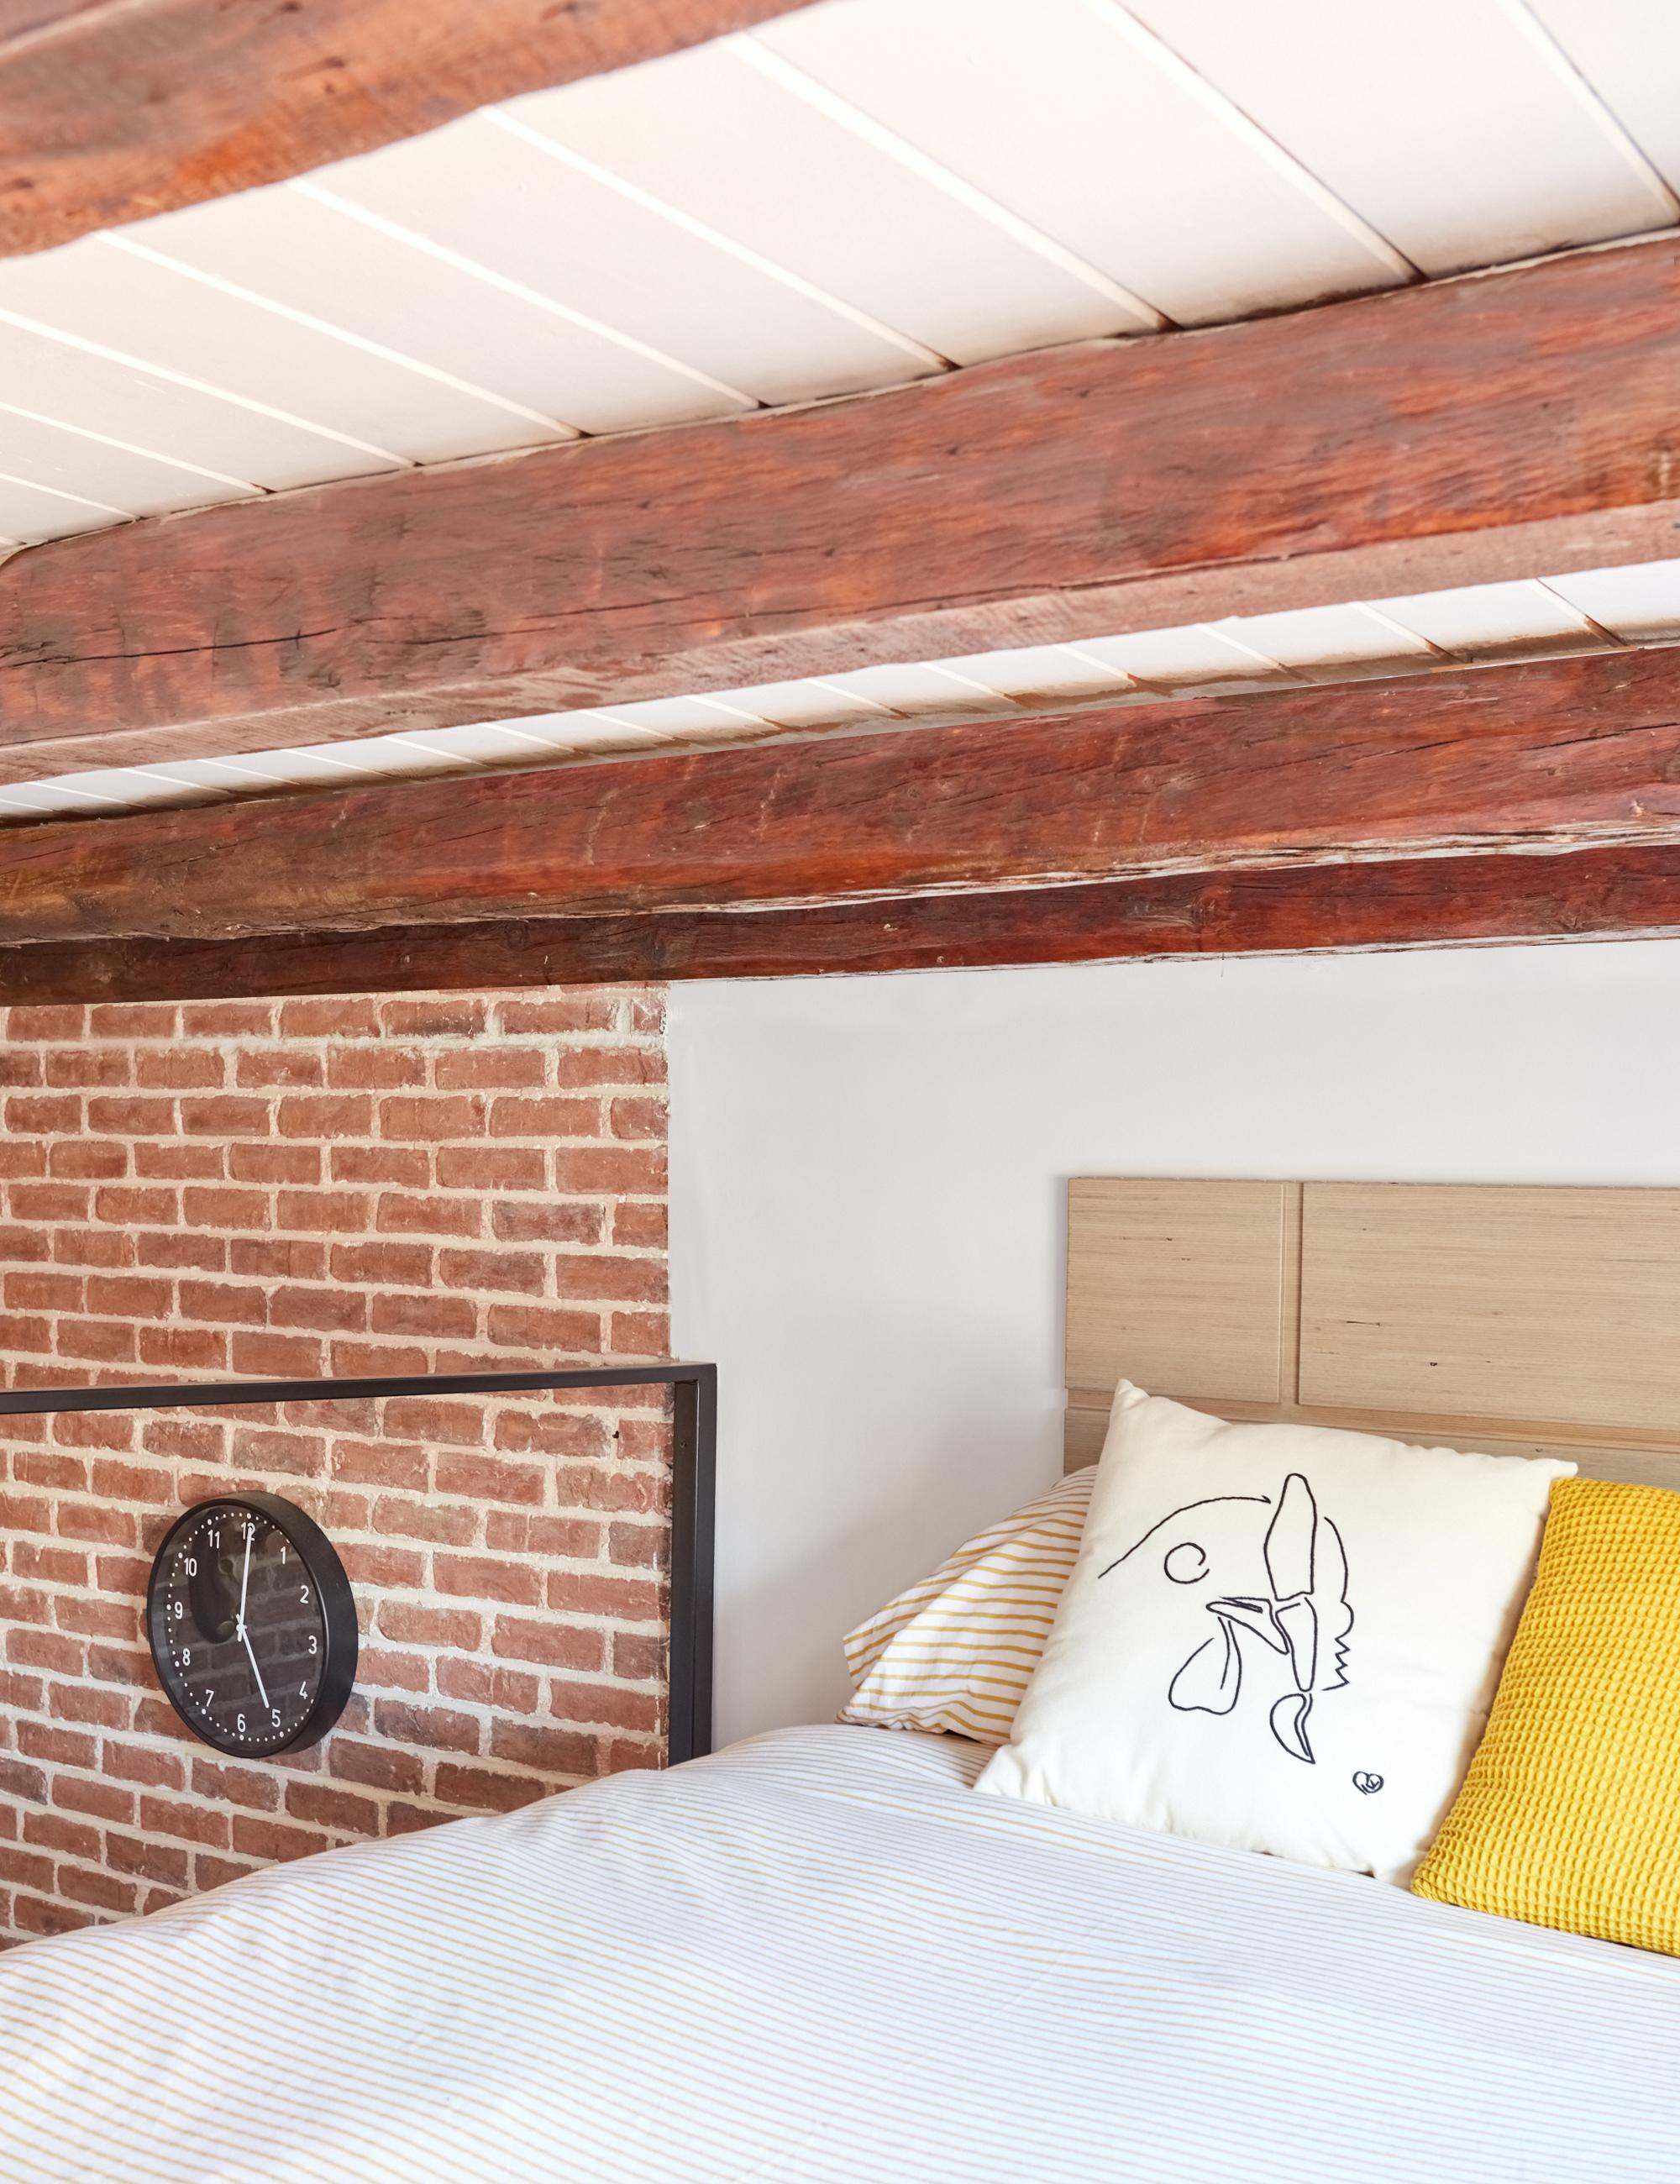 Detalle Dormitorio - Cama